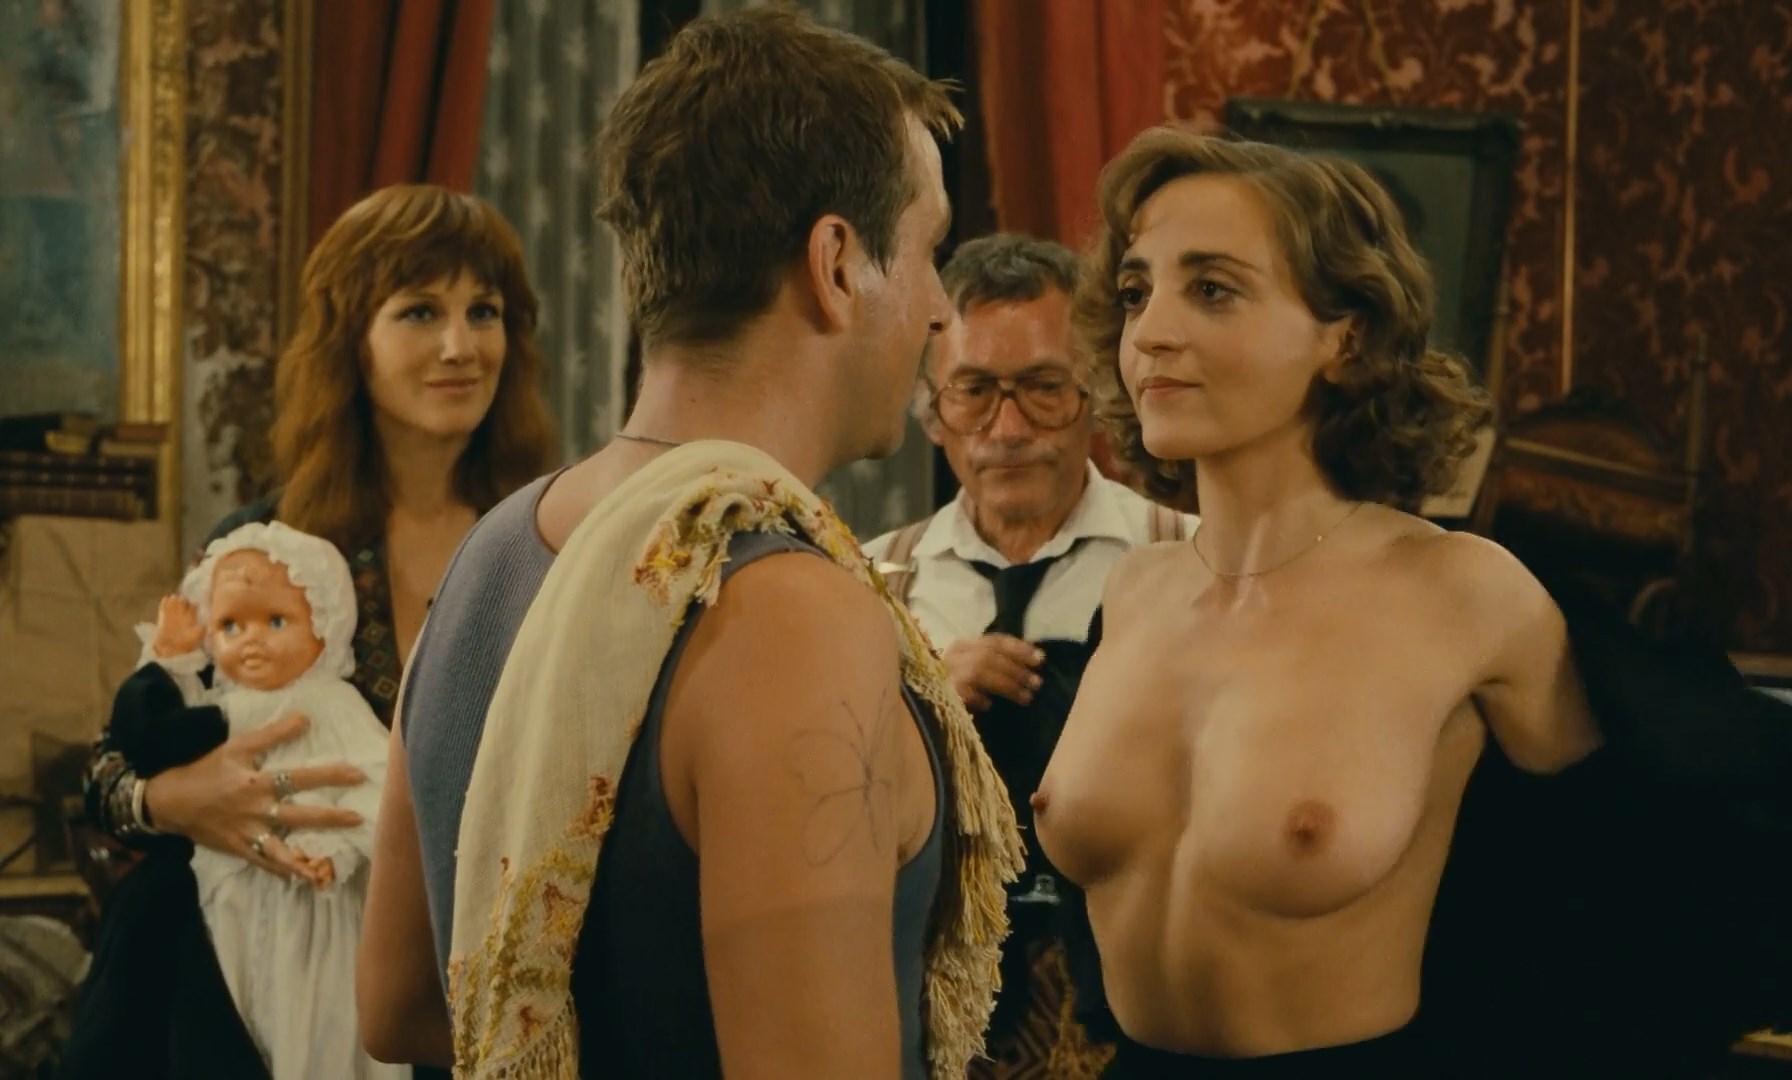 Dominique Blanc nude - Milou en mai (1989)